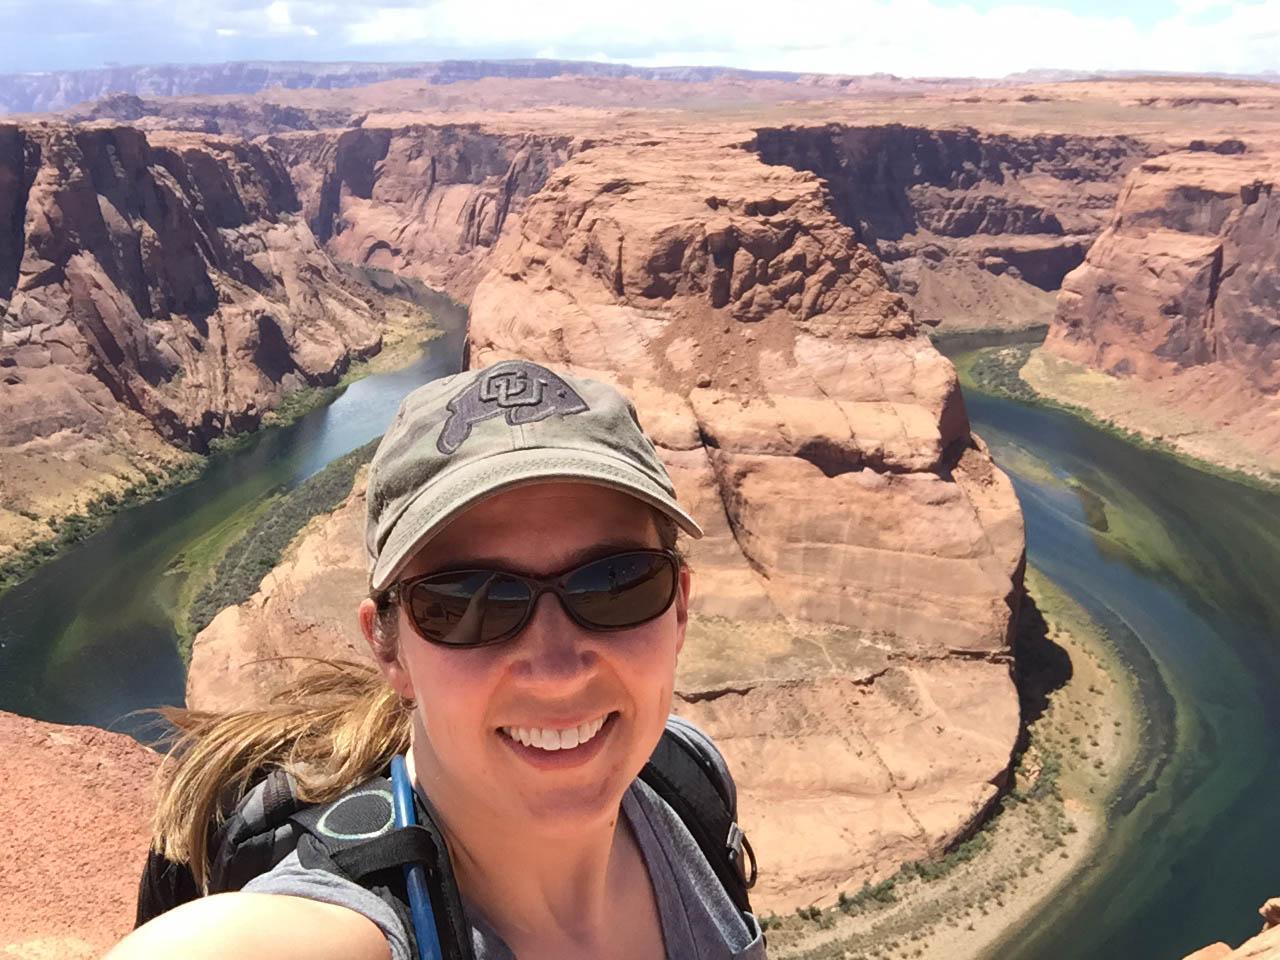 In front of Horsehoe Bend in Arizona